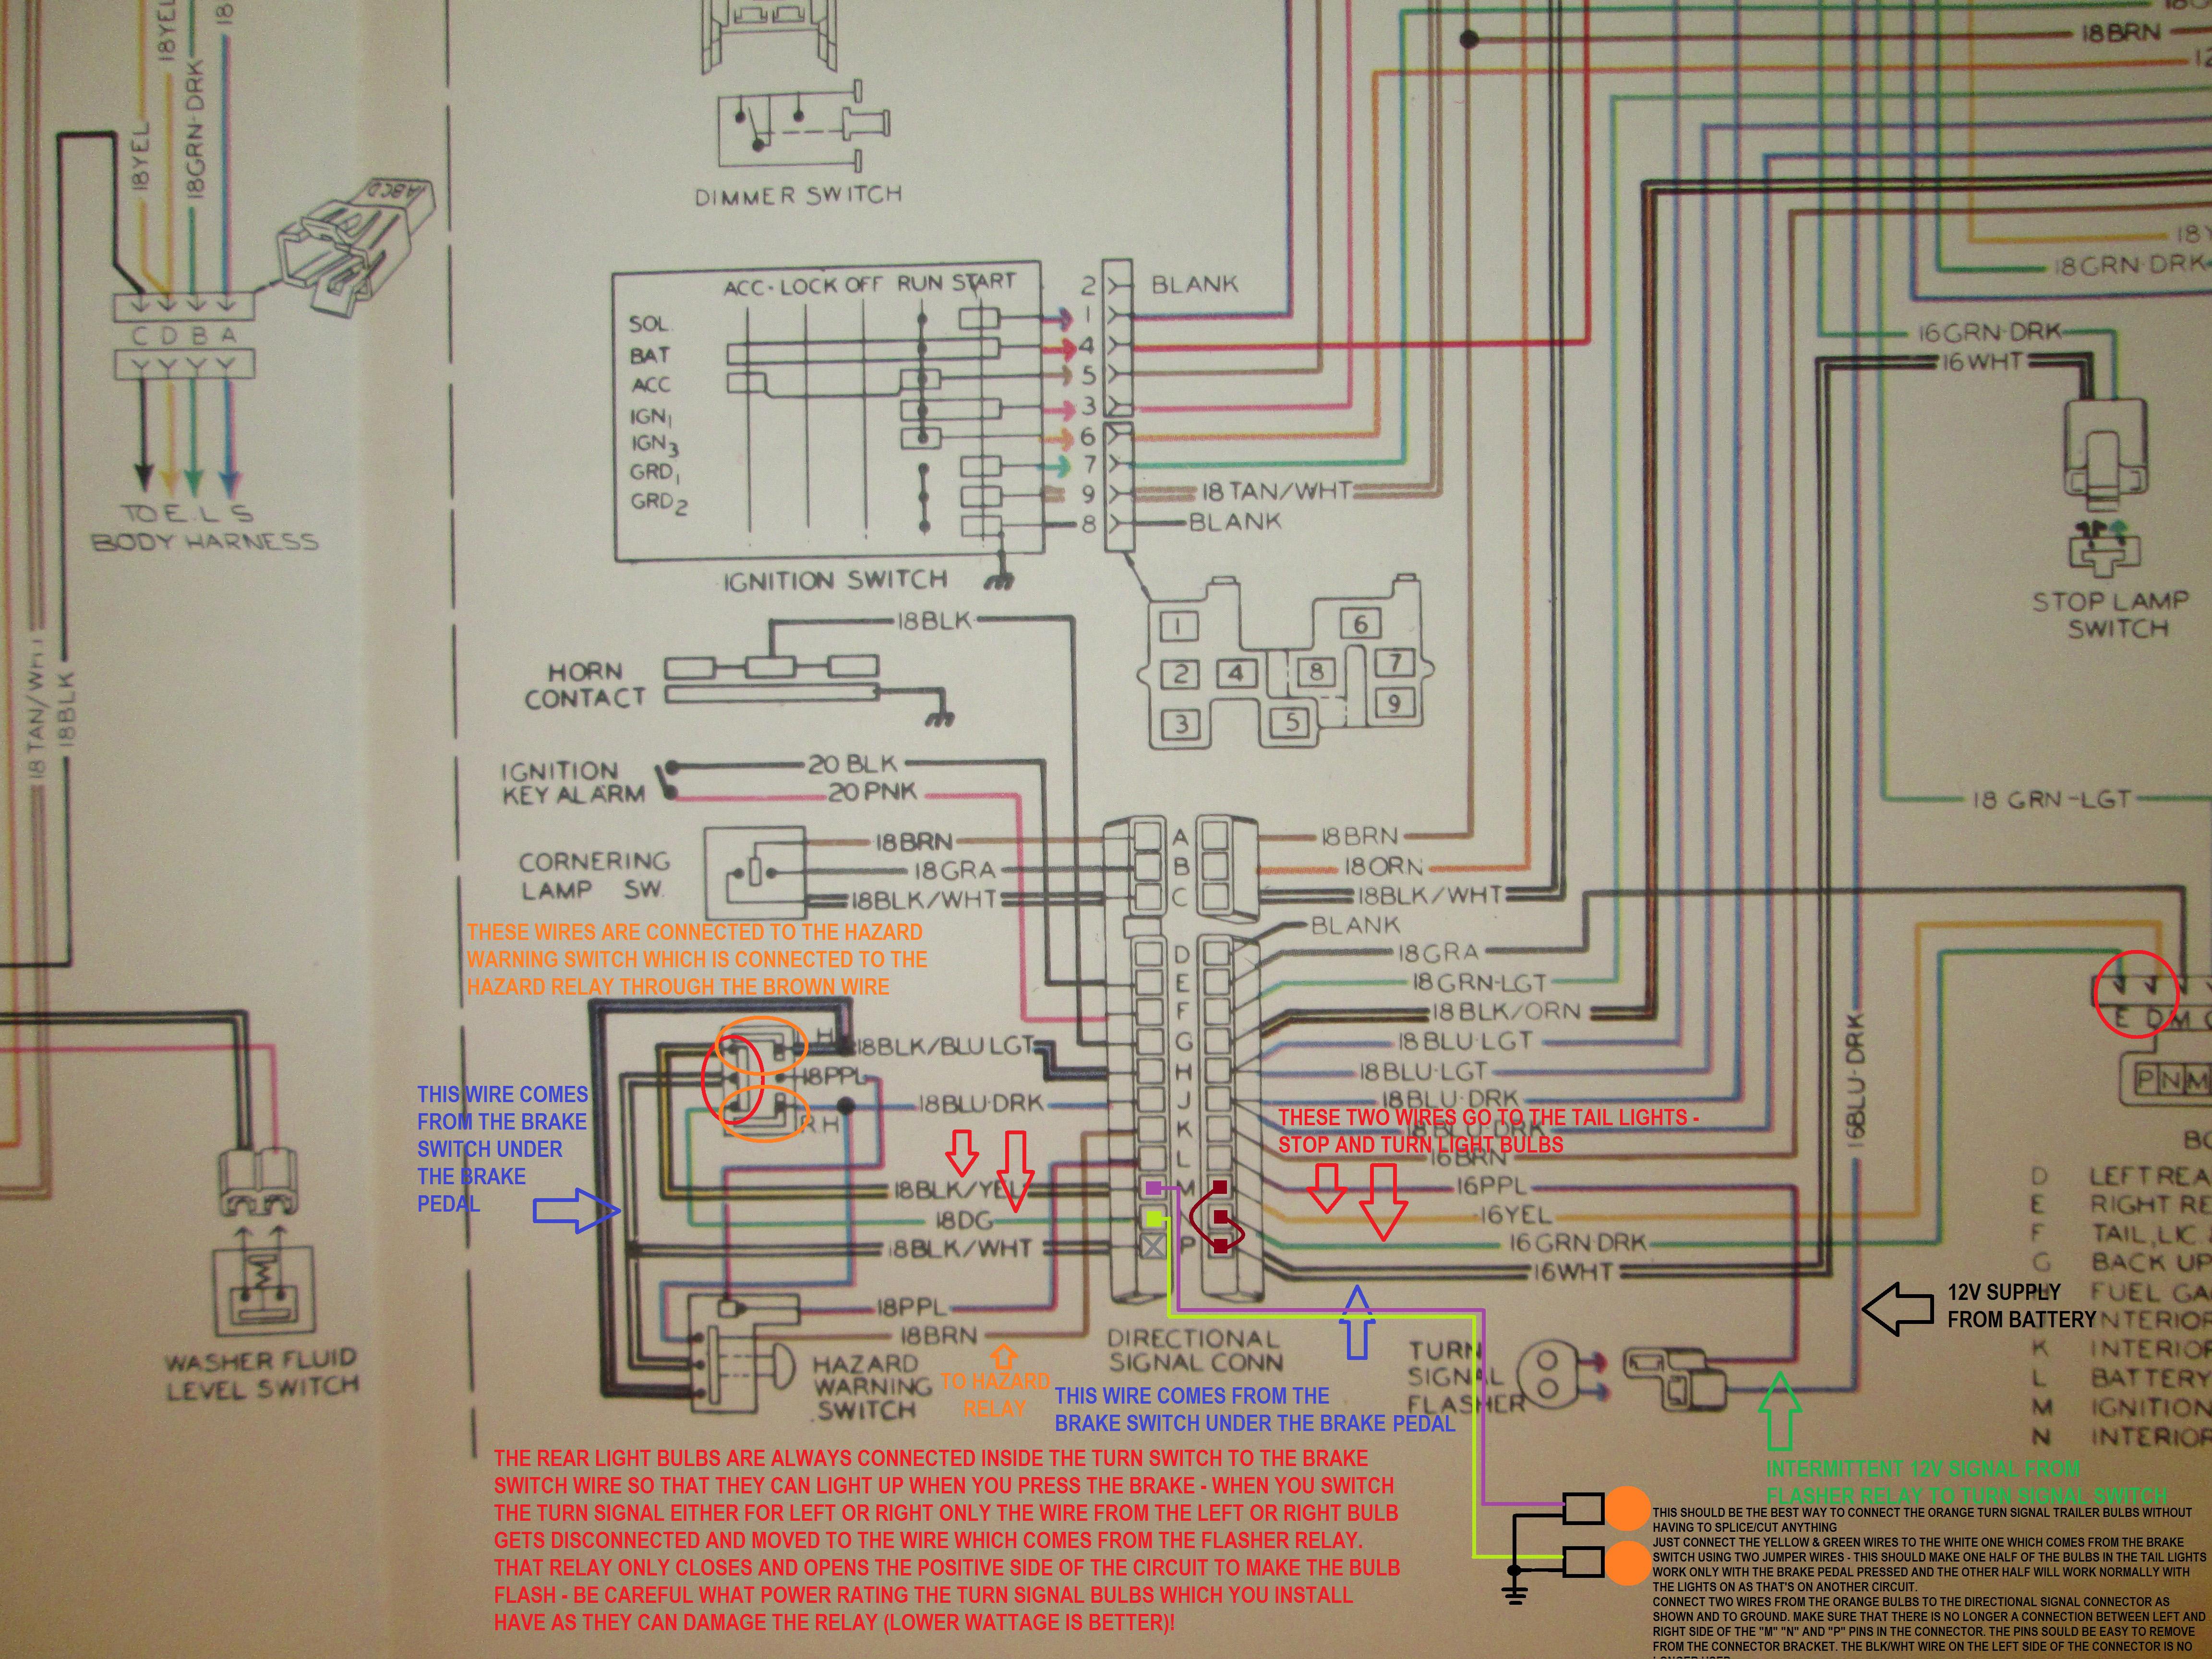 92 Cadillac Deville Radio Wiring Diagram from eldorado-seville.com